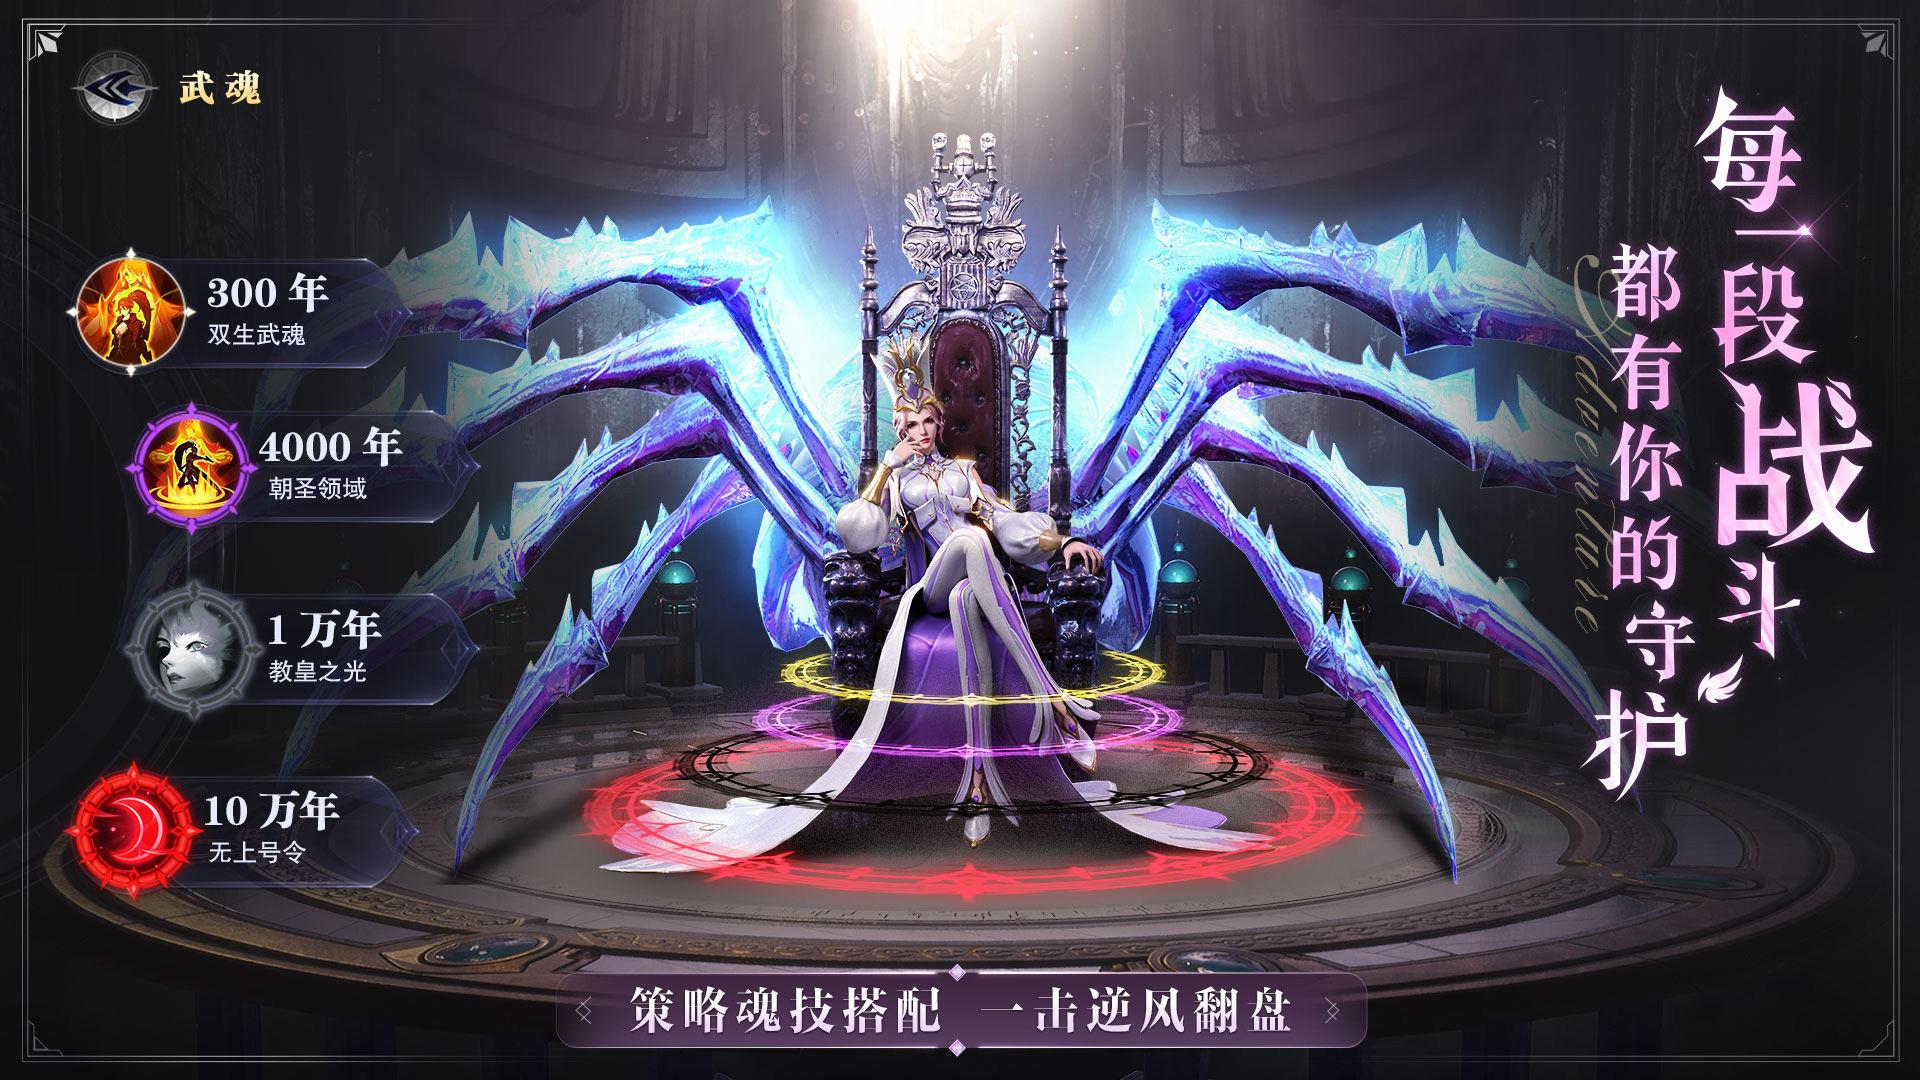 斗罗大陆:魂师对决安卓体验服 V1.0.9